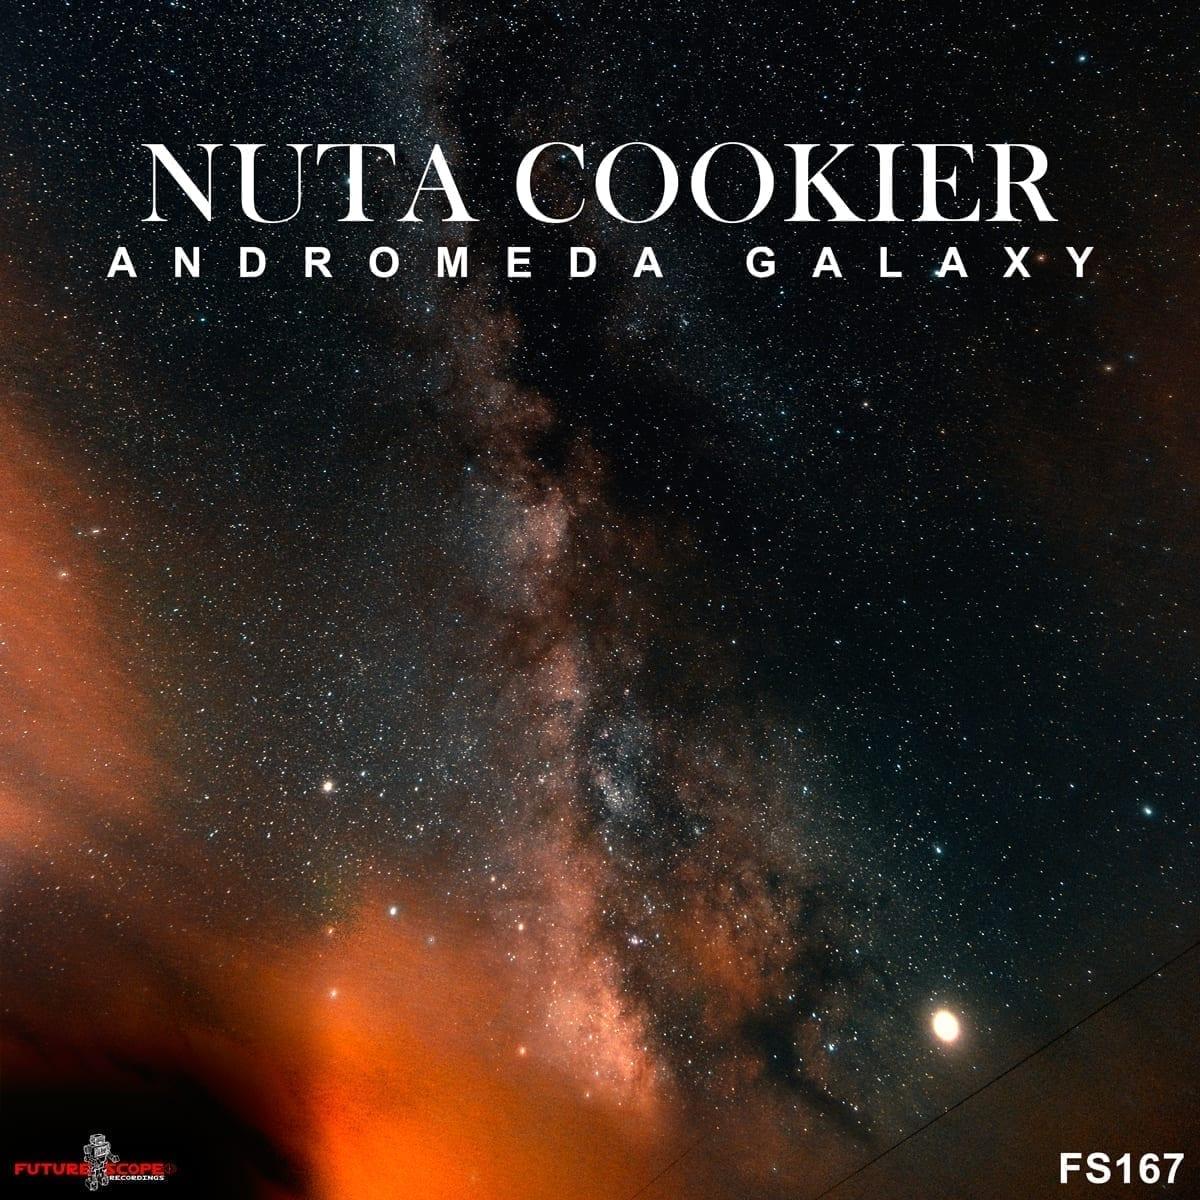 Nuta Cookier